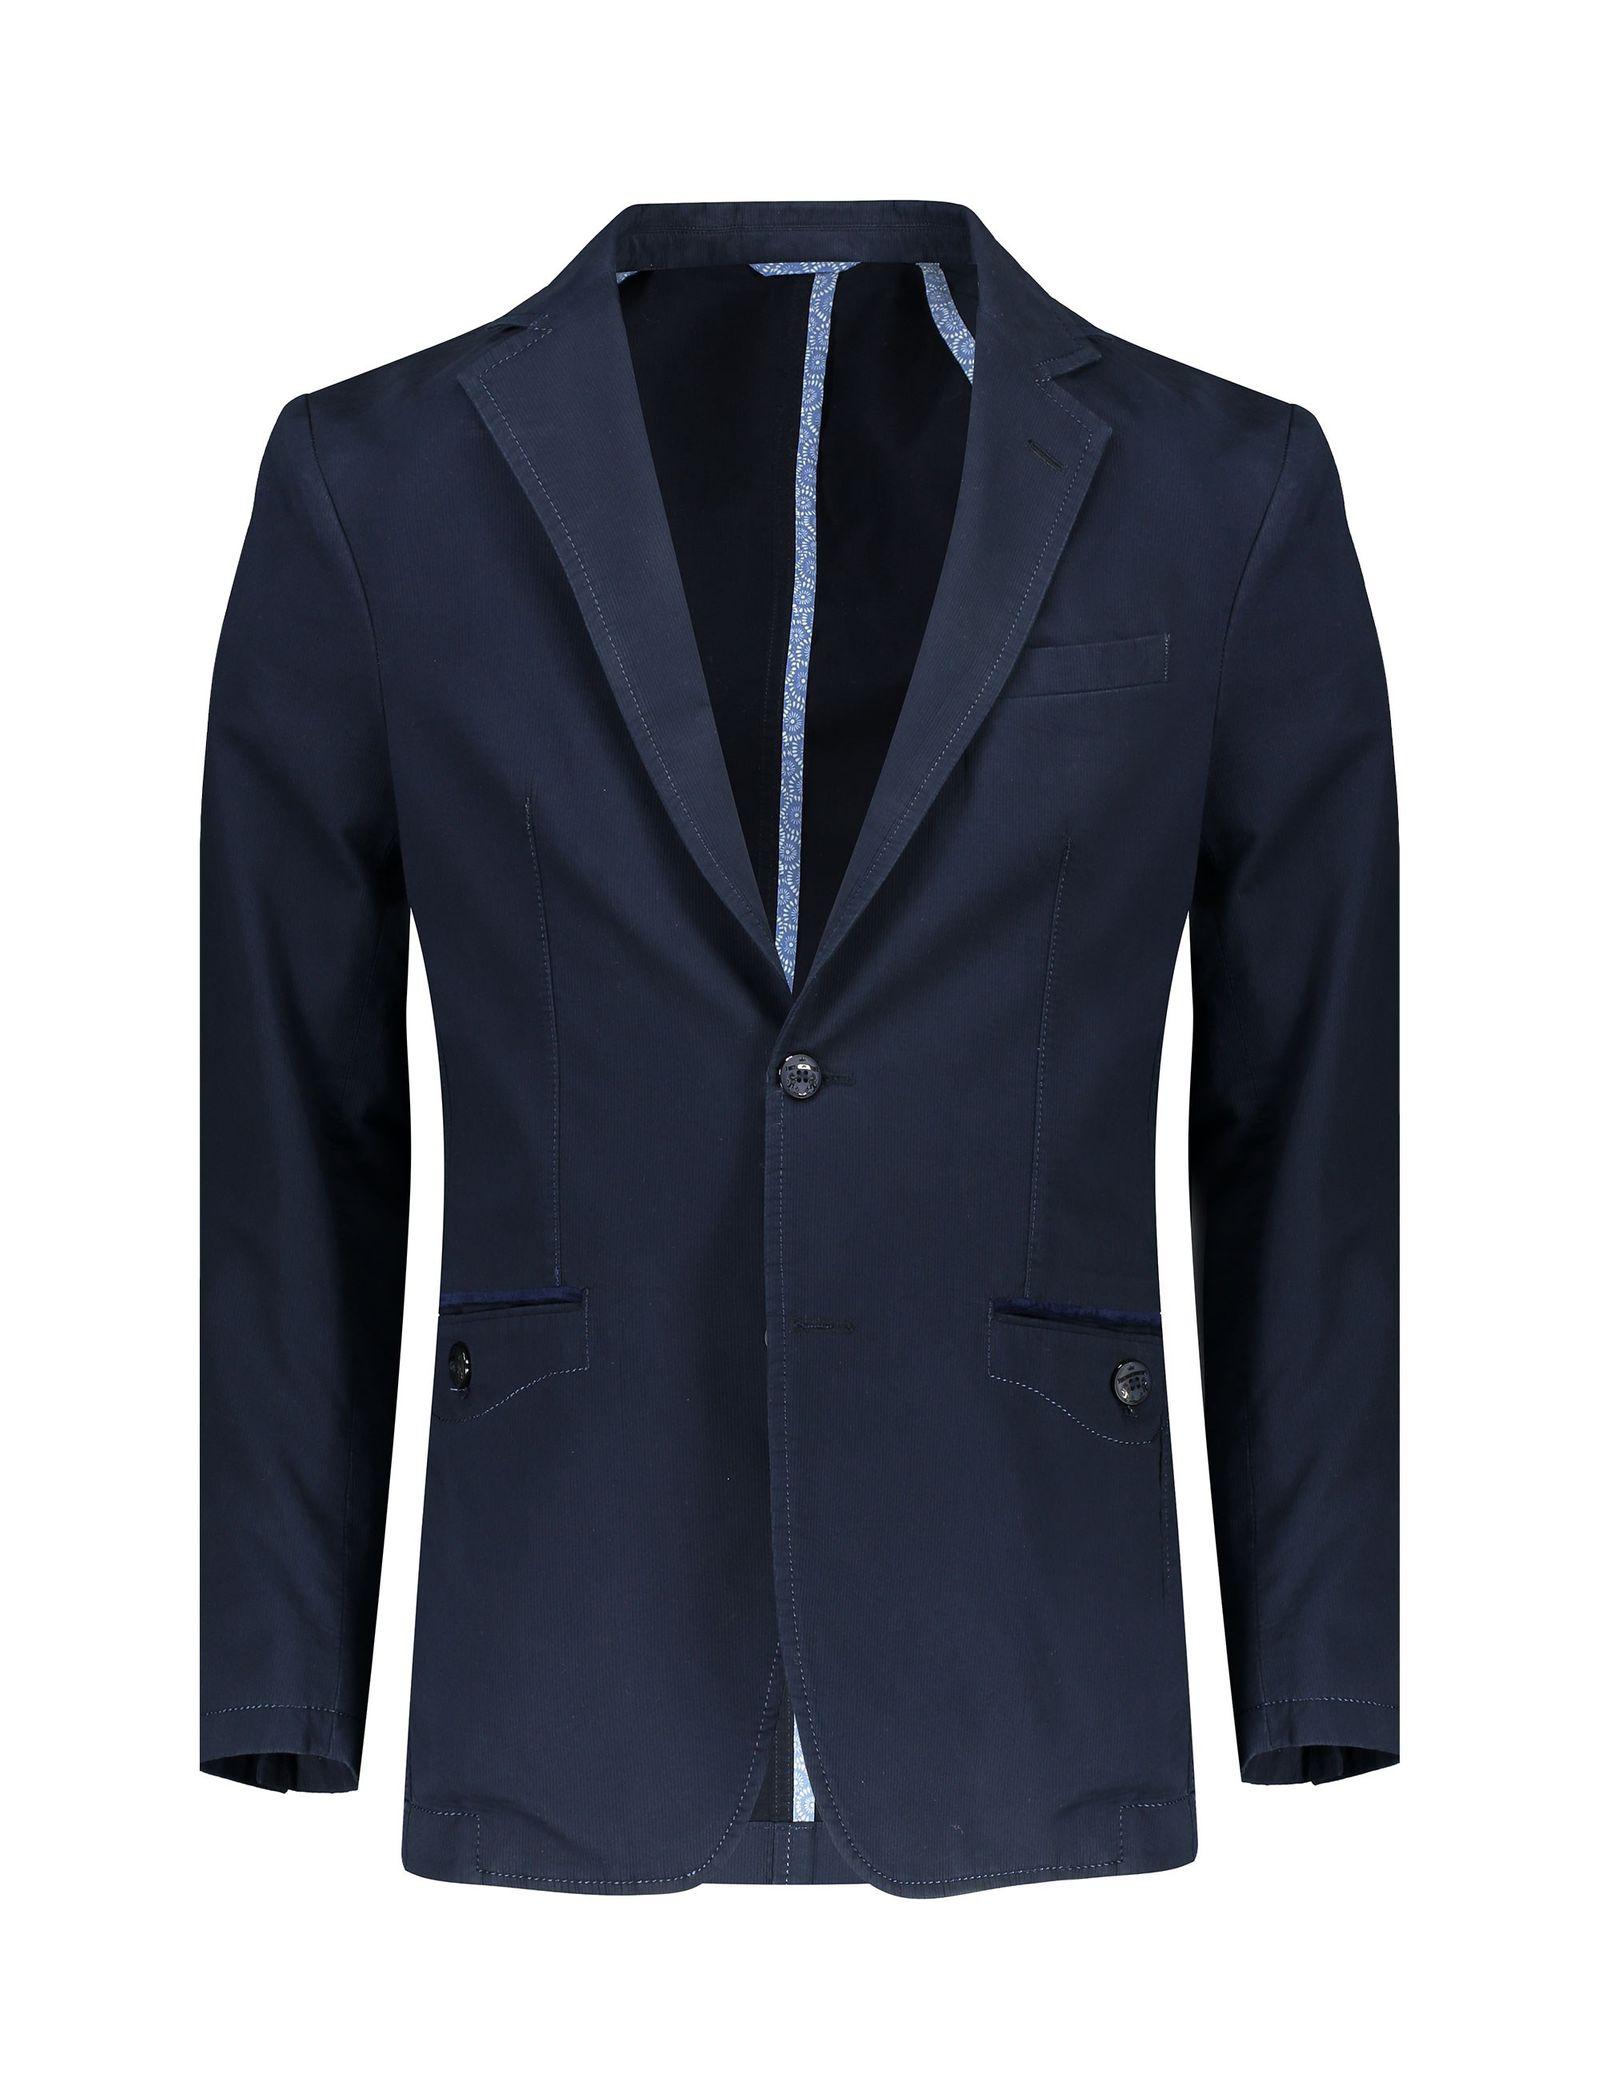 کت تک غیر رسمی مردانه - زاگرس پوش - سرمه اي - 1